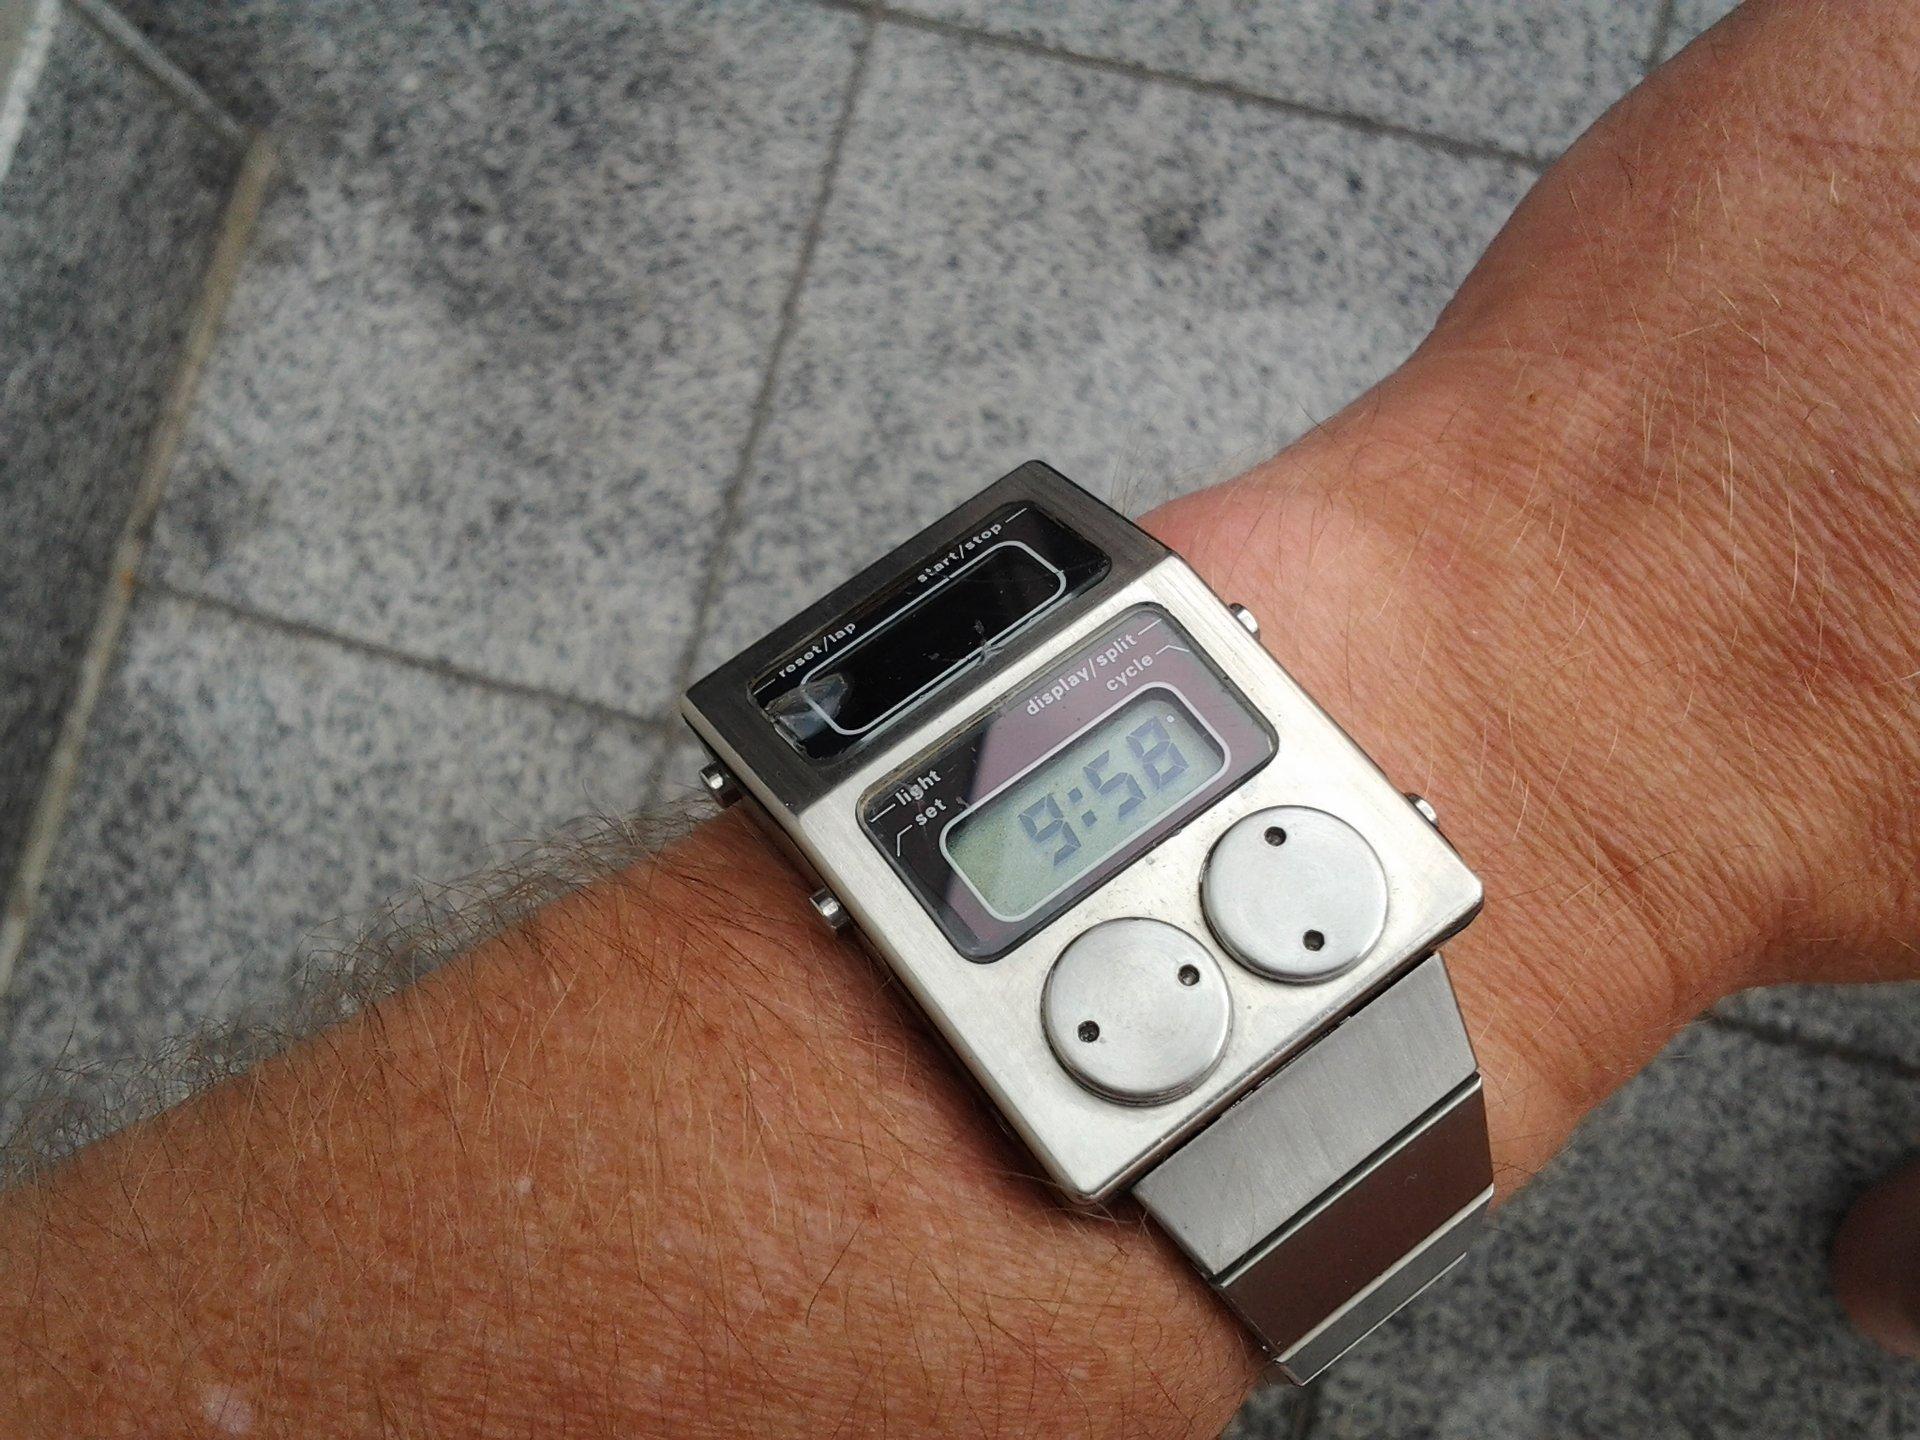 Armbanduhren Zifferblatt Perfekte Verarbeitung Ruhla Eurochron Uhrmacher Alte Berufe